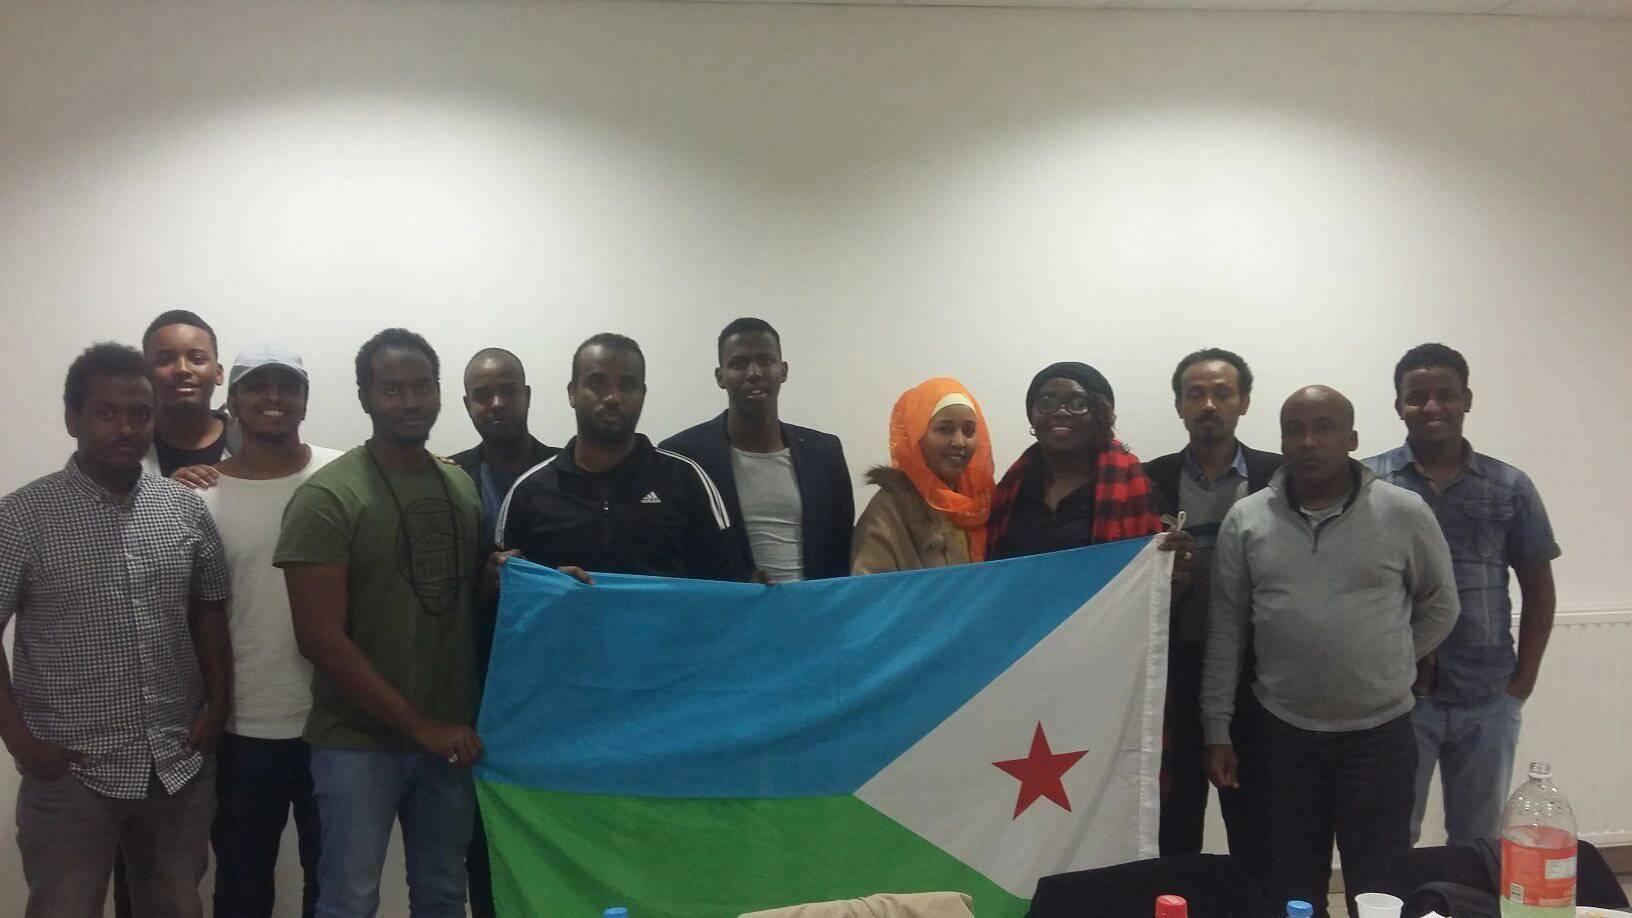 Compte rendu de la réunion des militants de l'opposition djiboutienne à Lyon le samedi 11 mars 2017 (ARD, USN, 13-03-17)